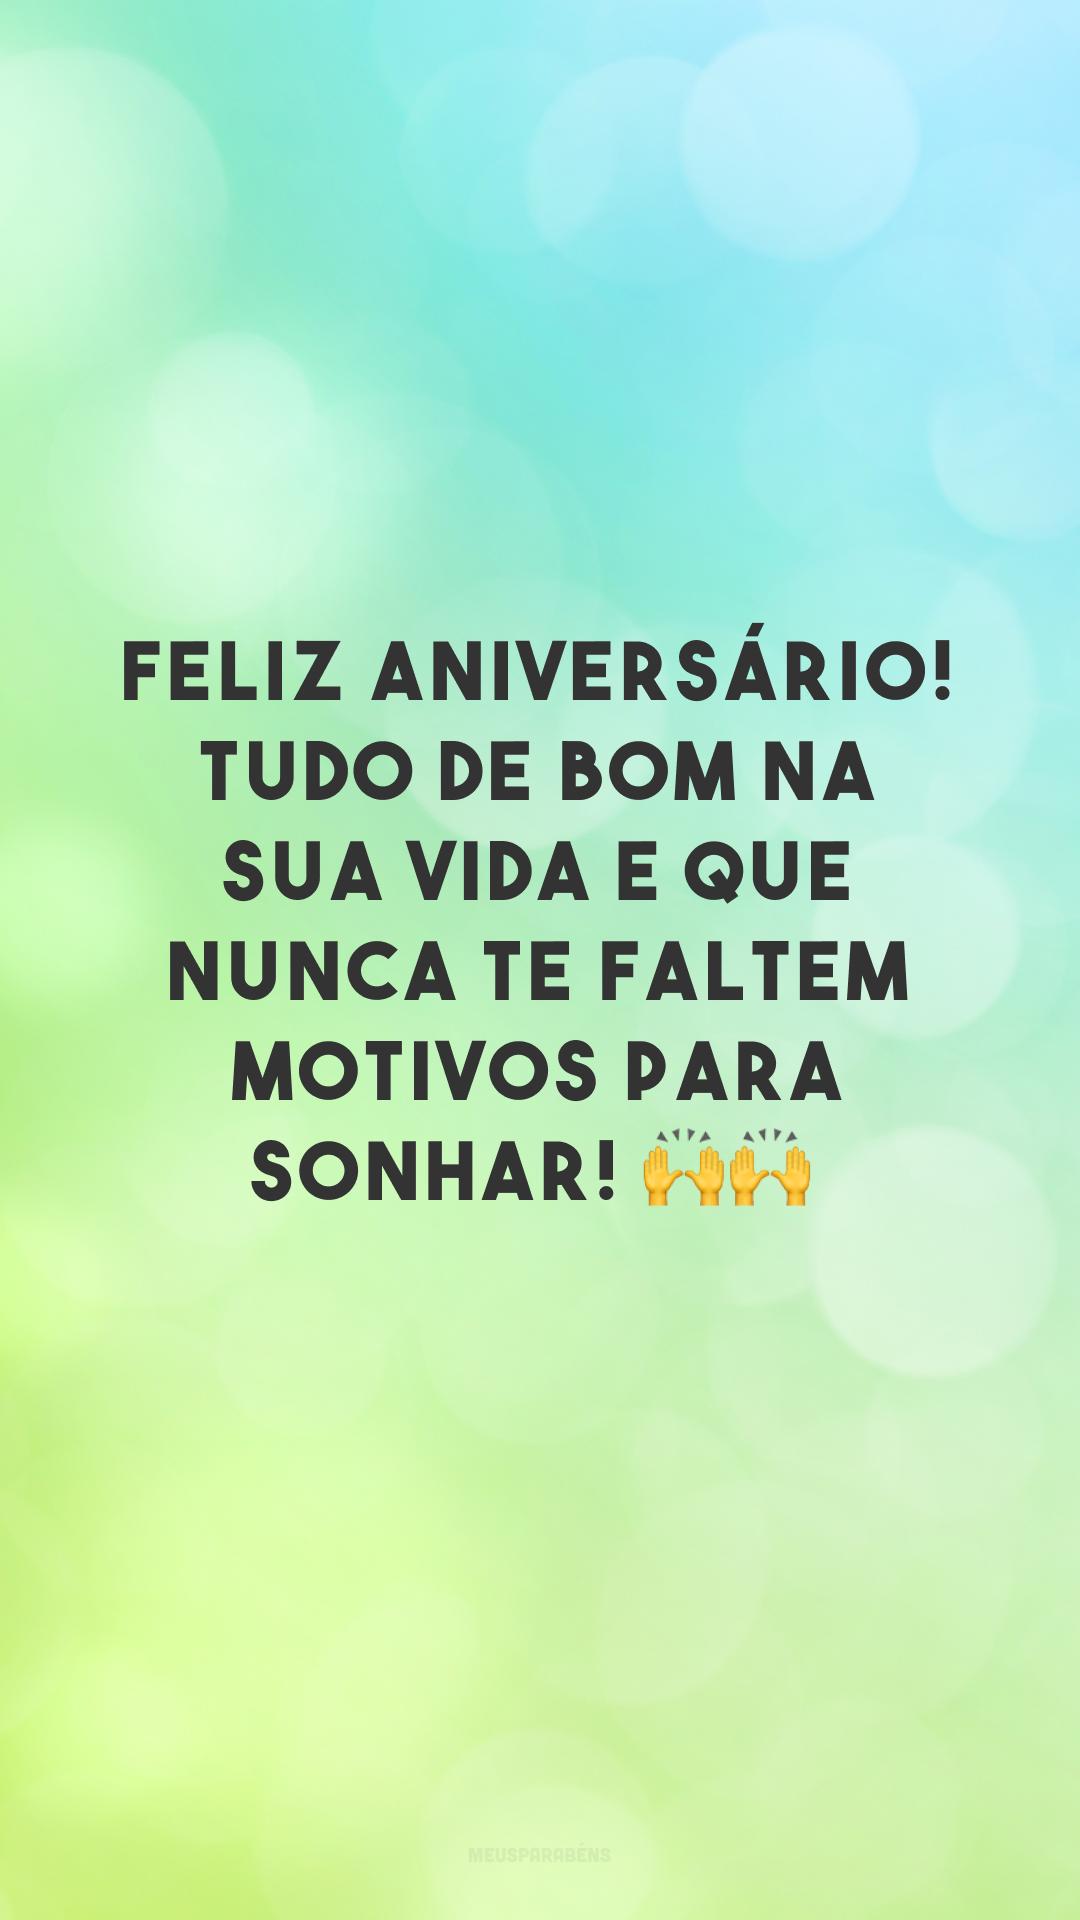 Feliz aniversário! Tudo de bom na sua vida e que nunca te faltem motivos para sonhar! 🙌🙌<br />